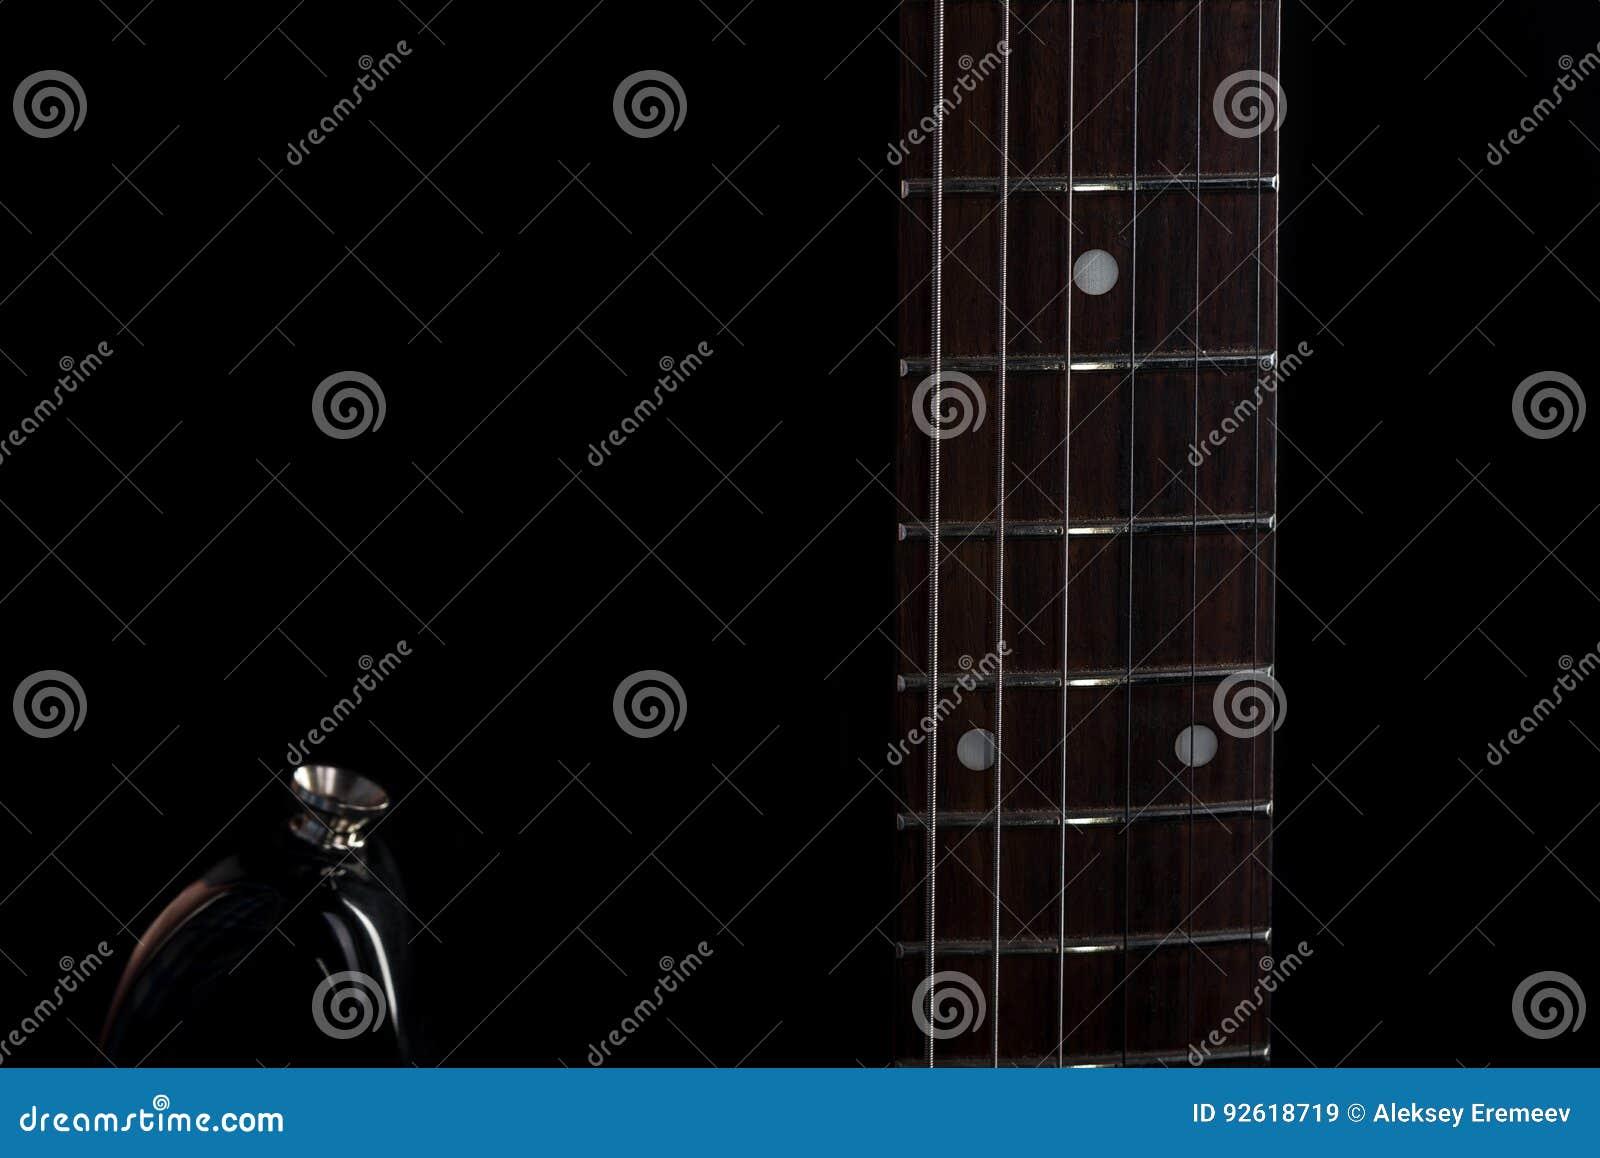 Música e arte guitarra elétrica em um fundo isolado preto quadro